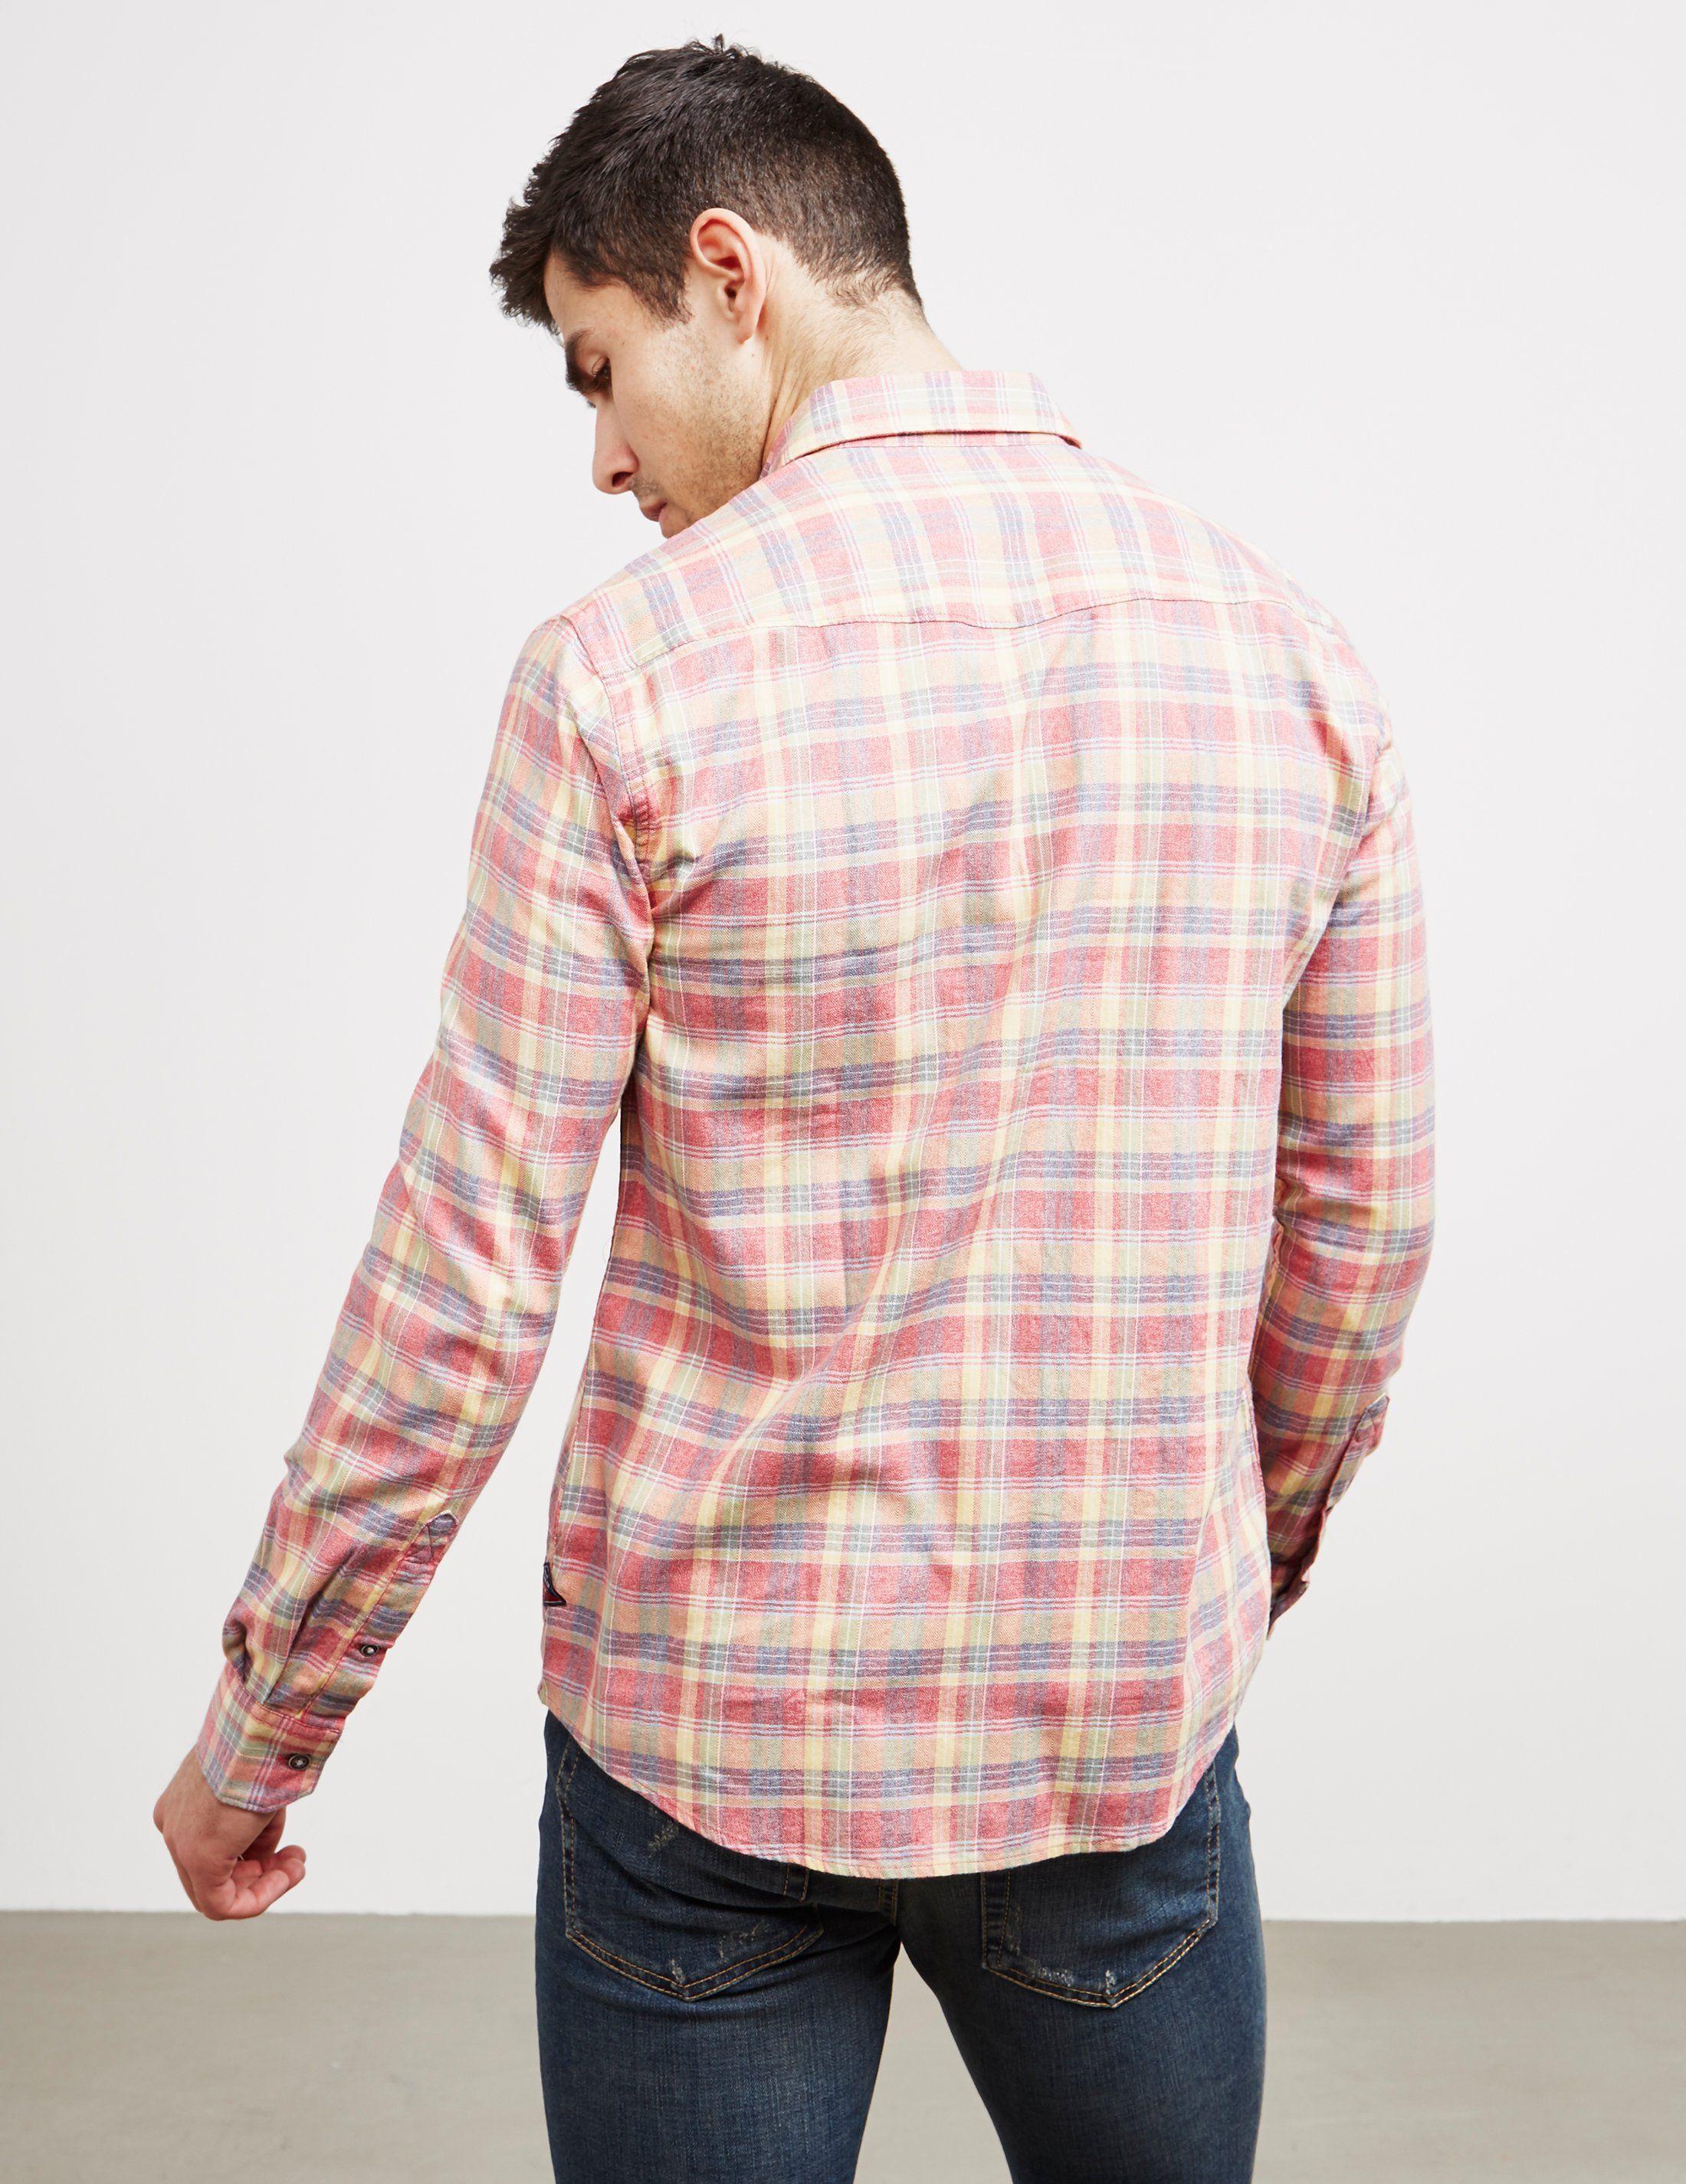 Barbour International Steve McQueen Long Sleeve Shirt